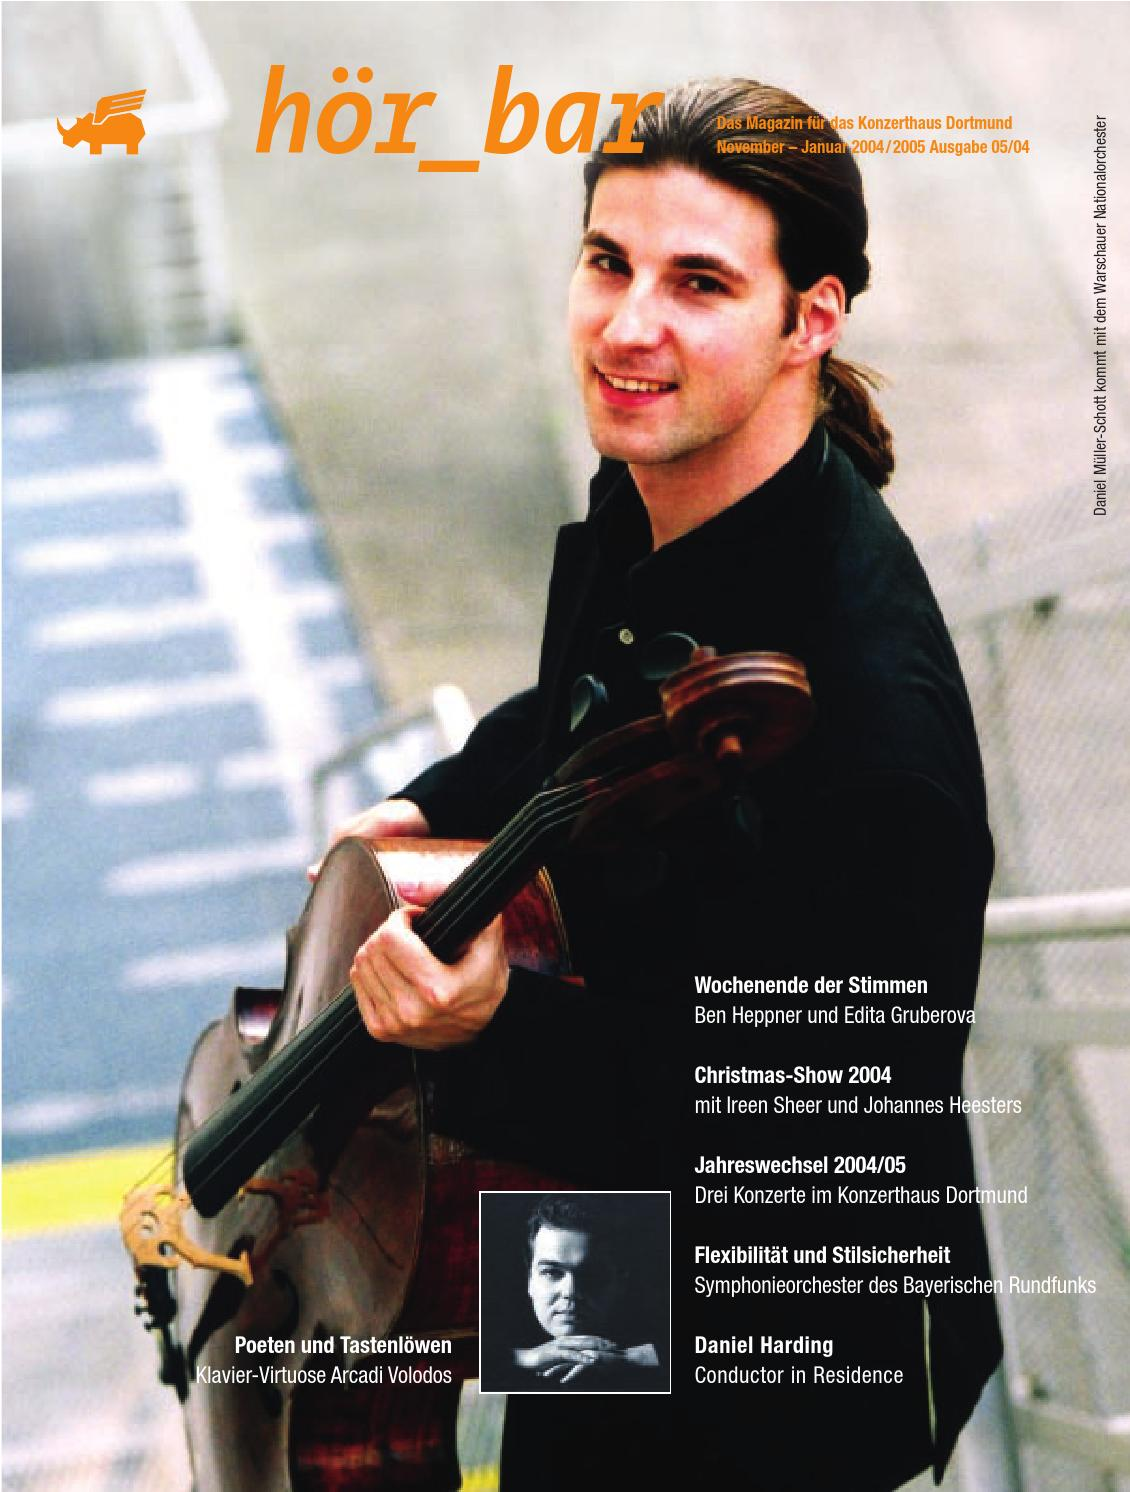 HÖRBAR 02 |2004|05 by Konzerthaus Dortmund - issuu